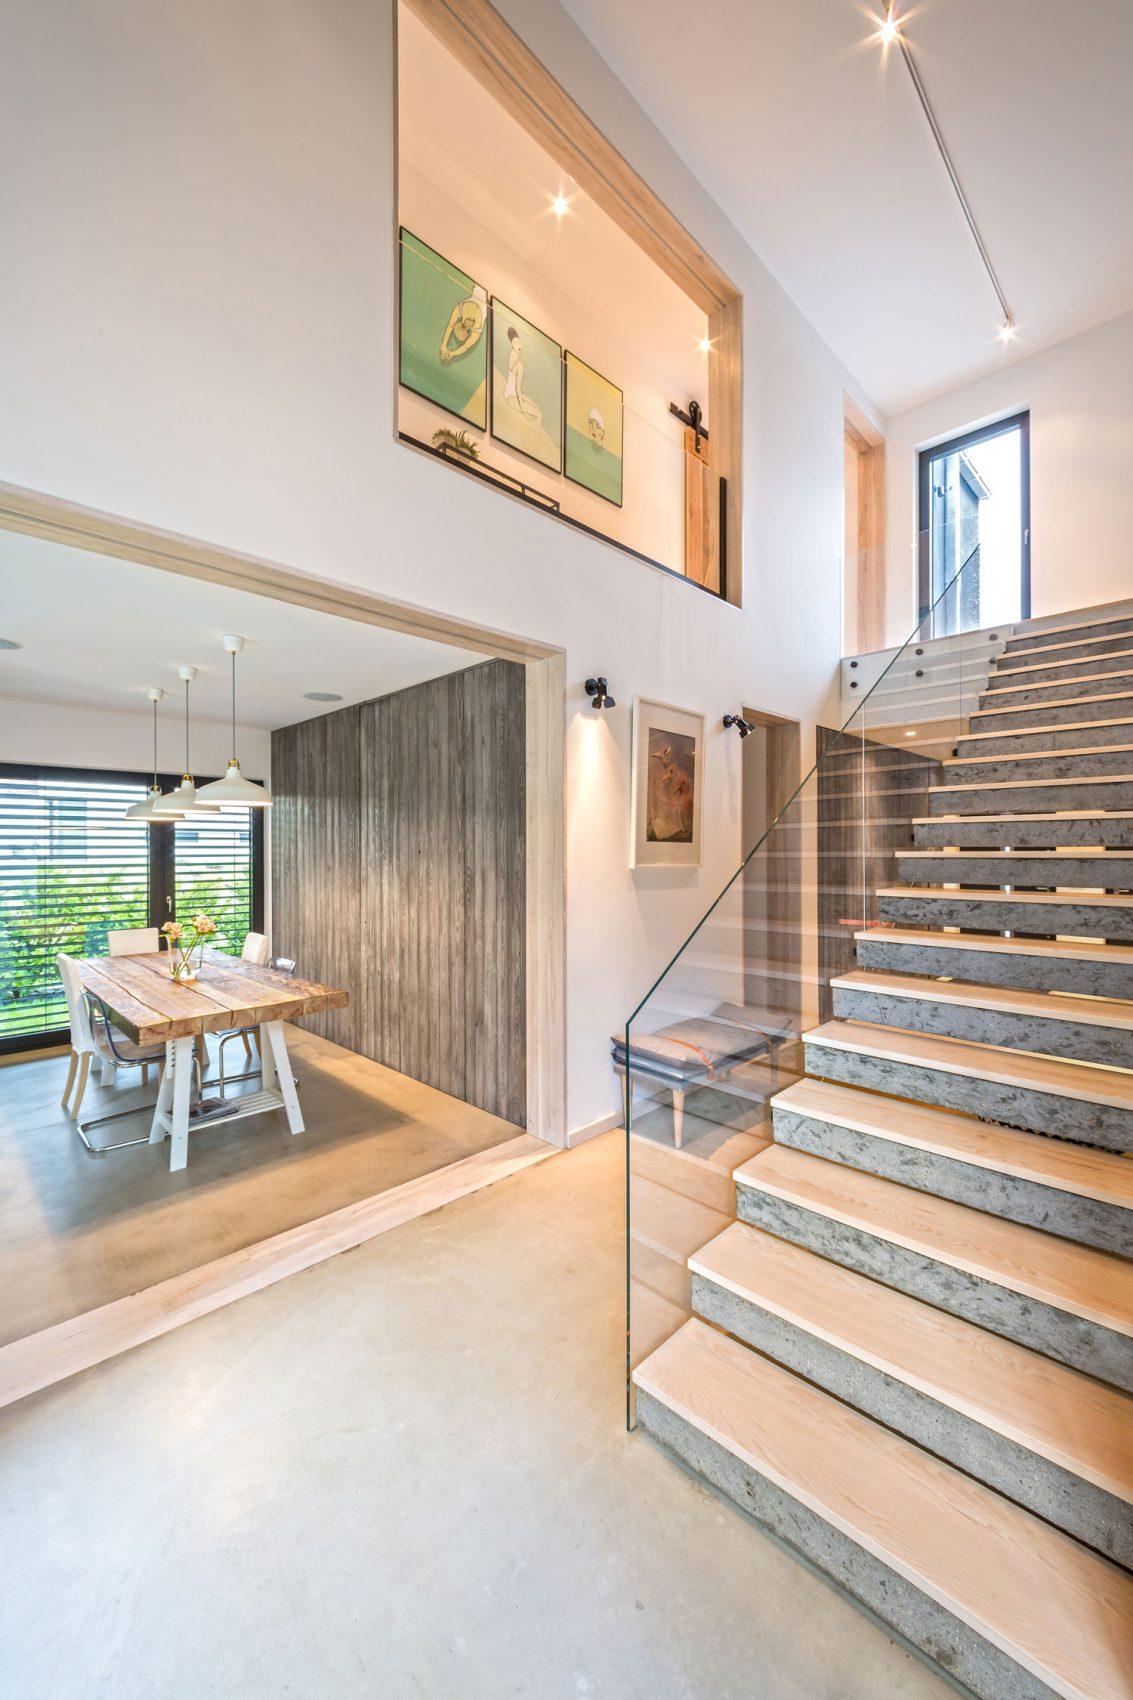 guada-corpo-em-vidro-projeto-residencial-em-borowiec-polonia-por-modelina